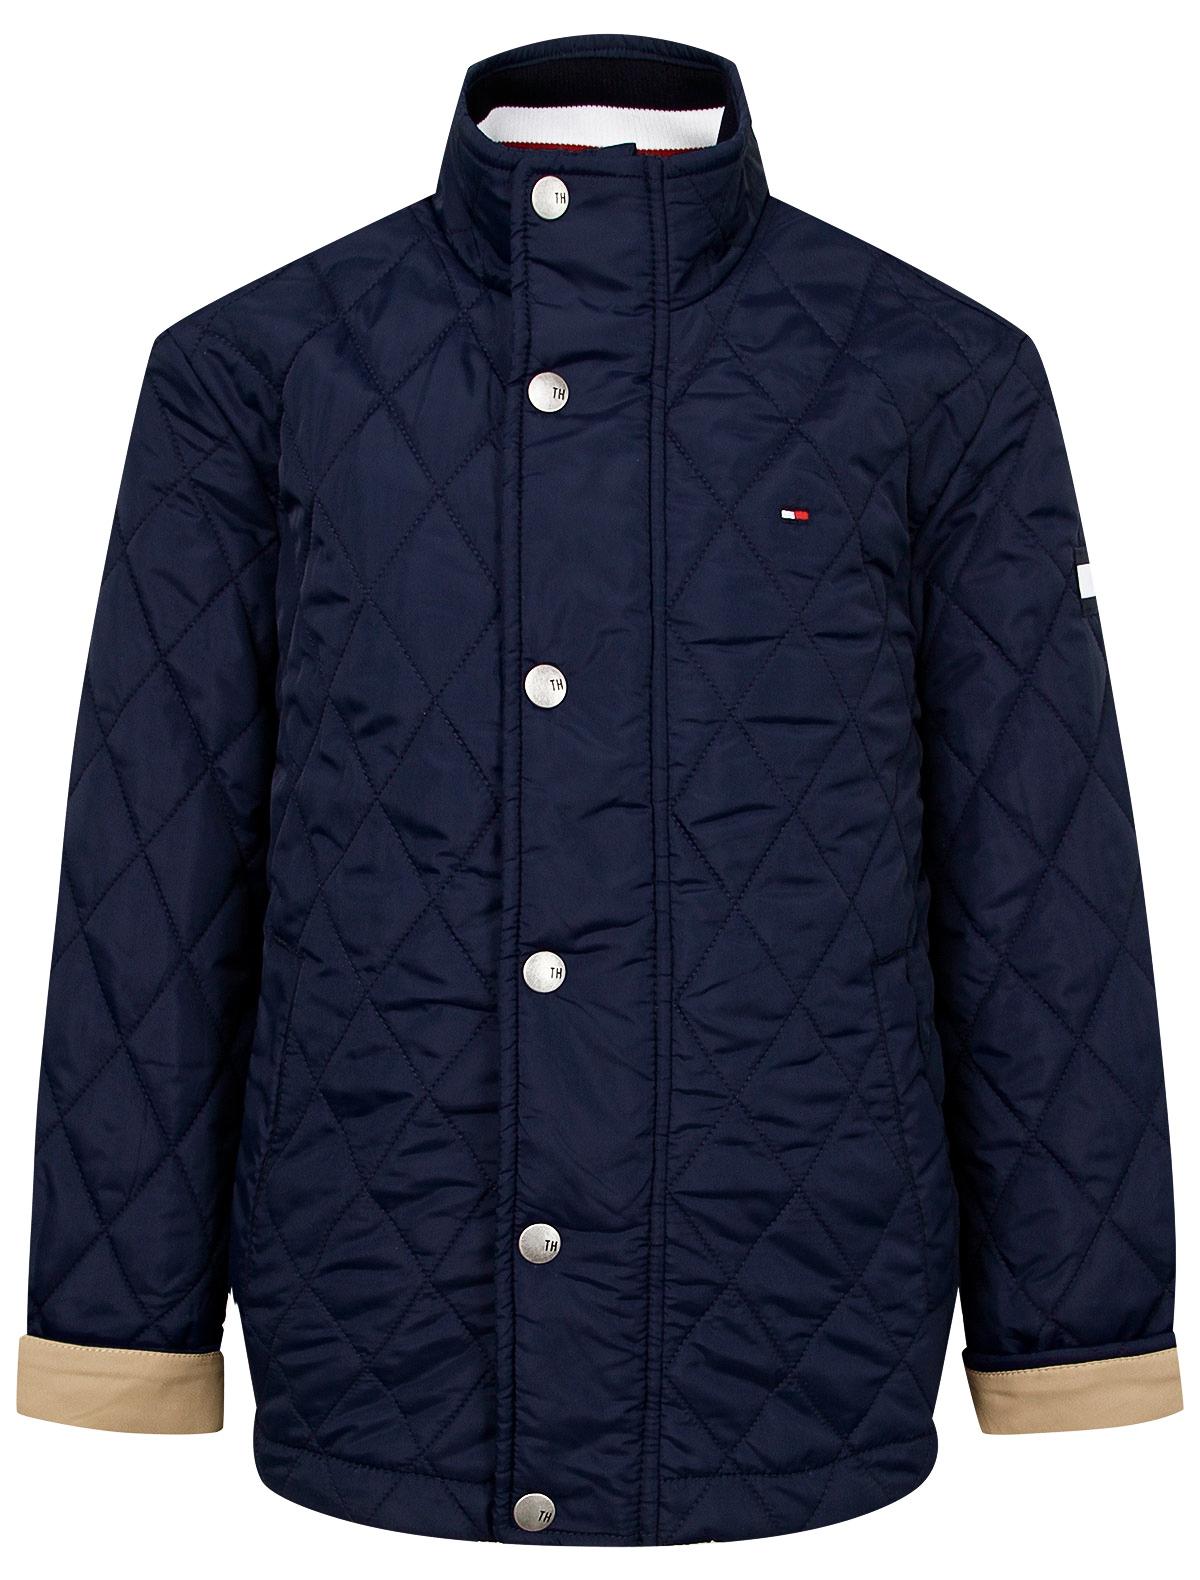 Купить 2173583, Куртка TOMMY HILFIGER, синий, Мужской, 1074519071645